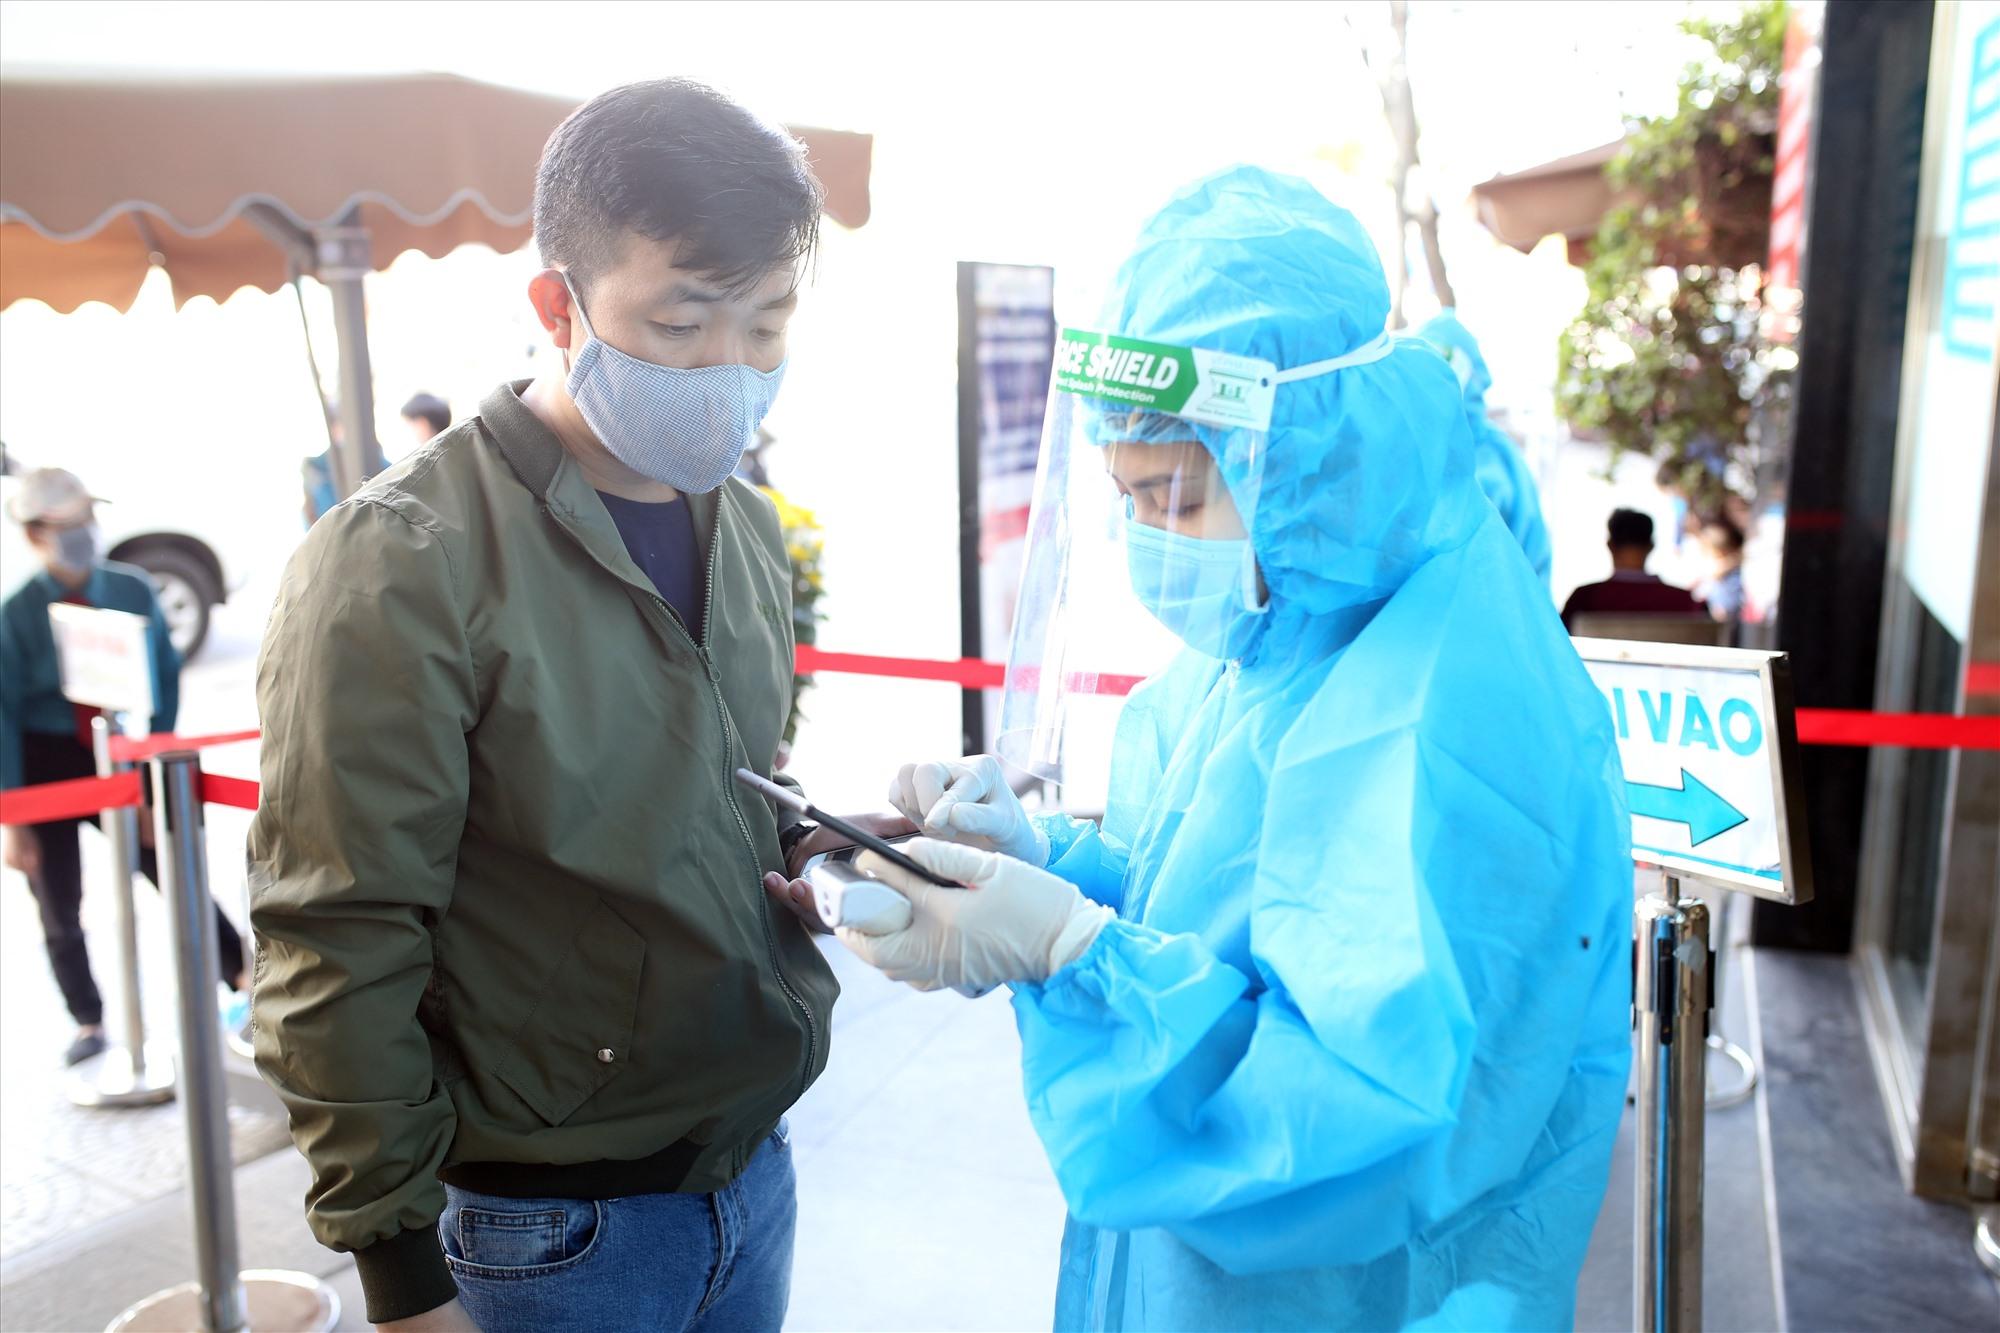 Người điều khiển phương tiện vận chuyển hàng hóa từ vùng dịch đã qua 14 ngày không xuất hiện ca dương tín Covid-19 phải có kết quả xác nhận xét nghiệm âm tính với SARS - CoV - 2 khi đến giao hàng tại Quảng Nam